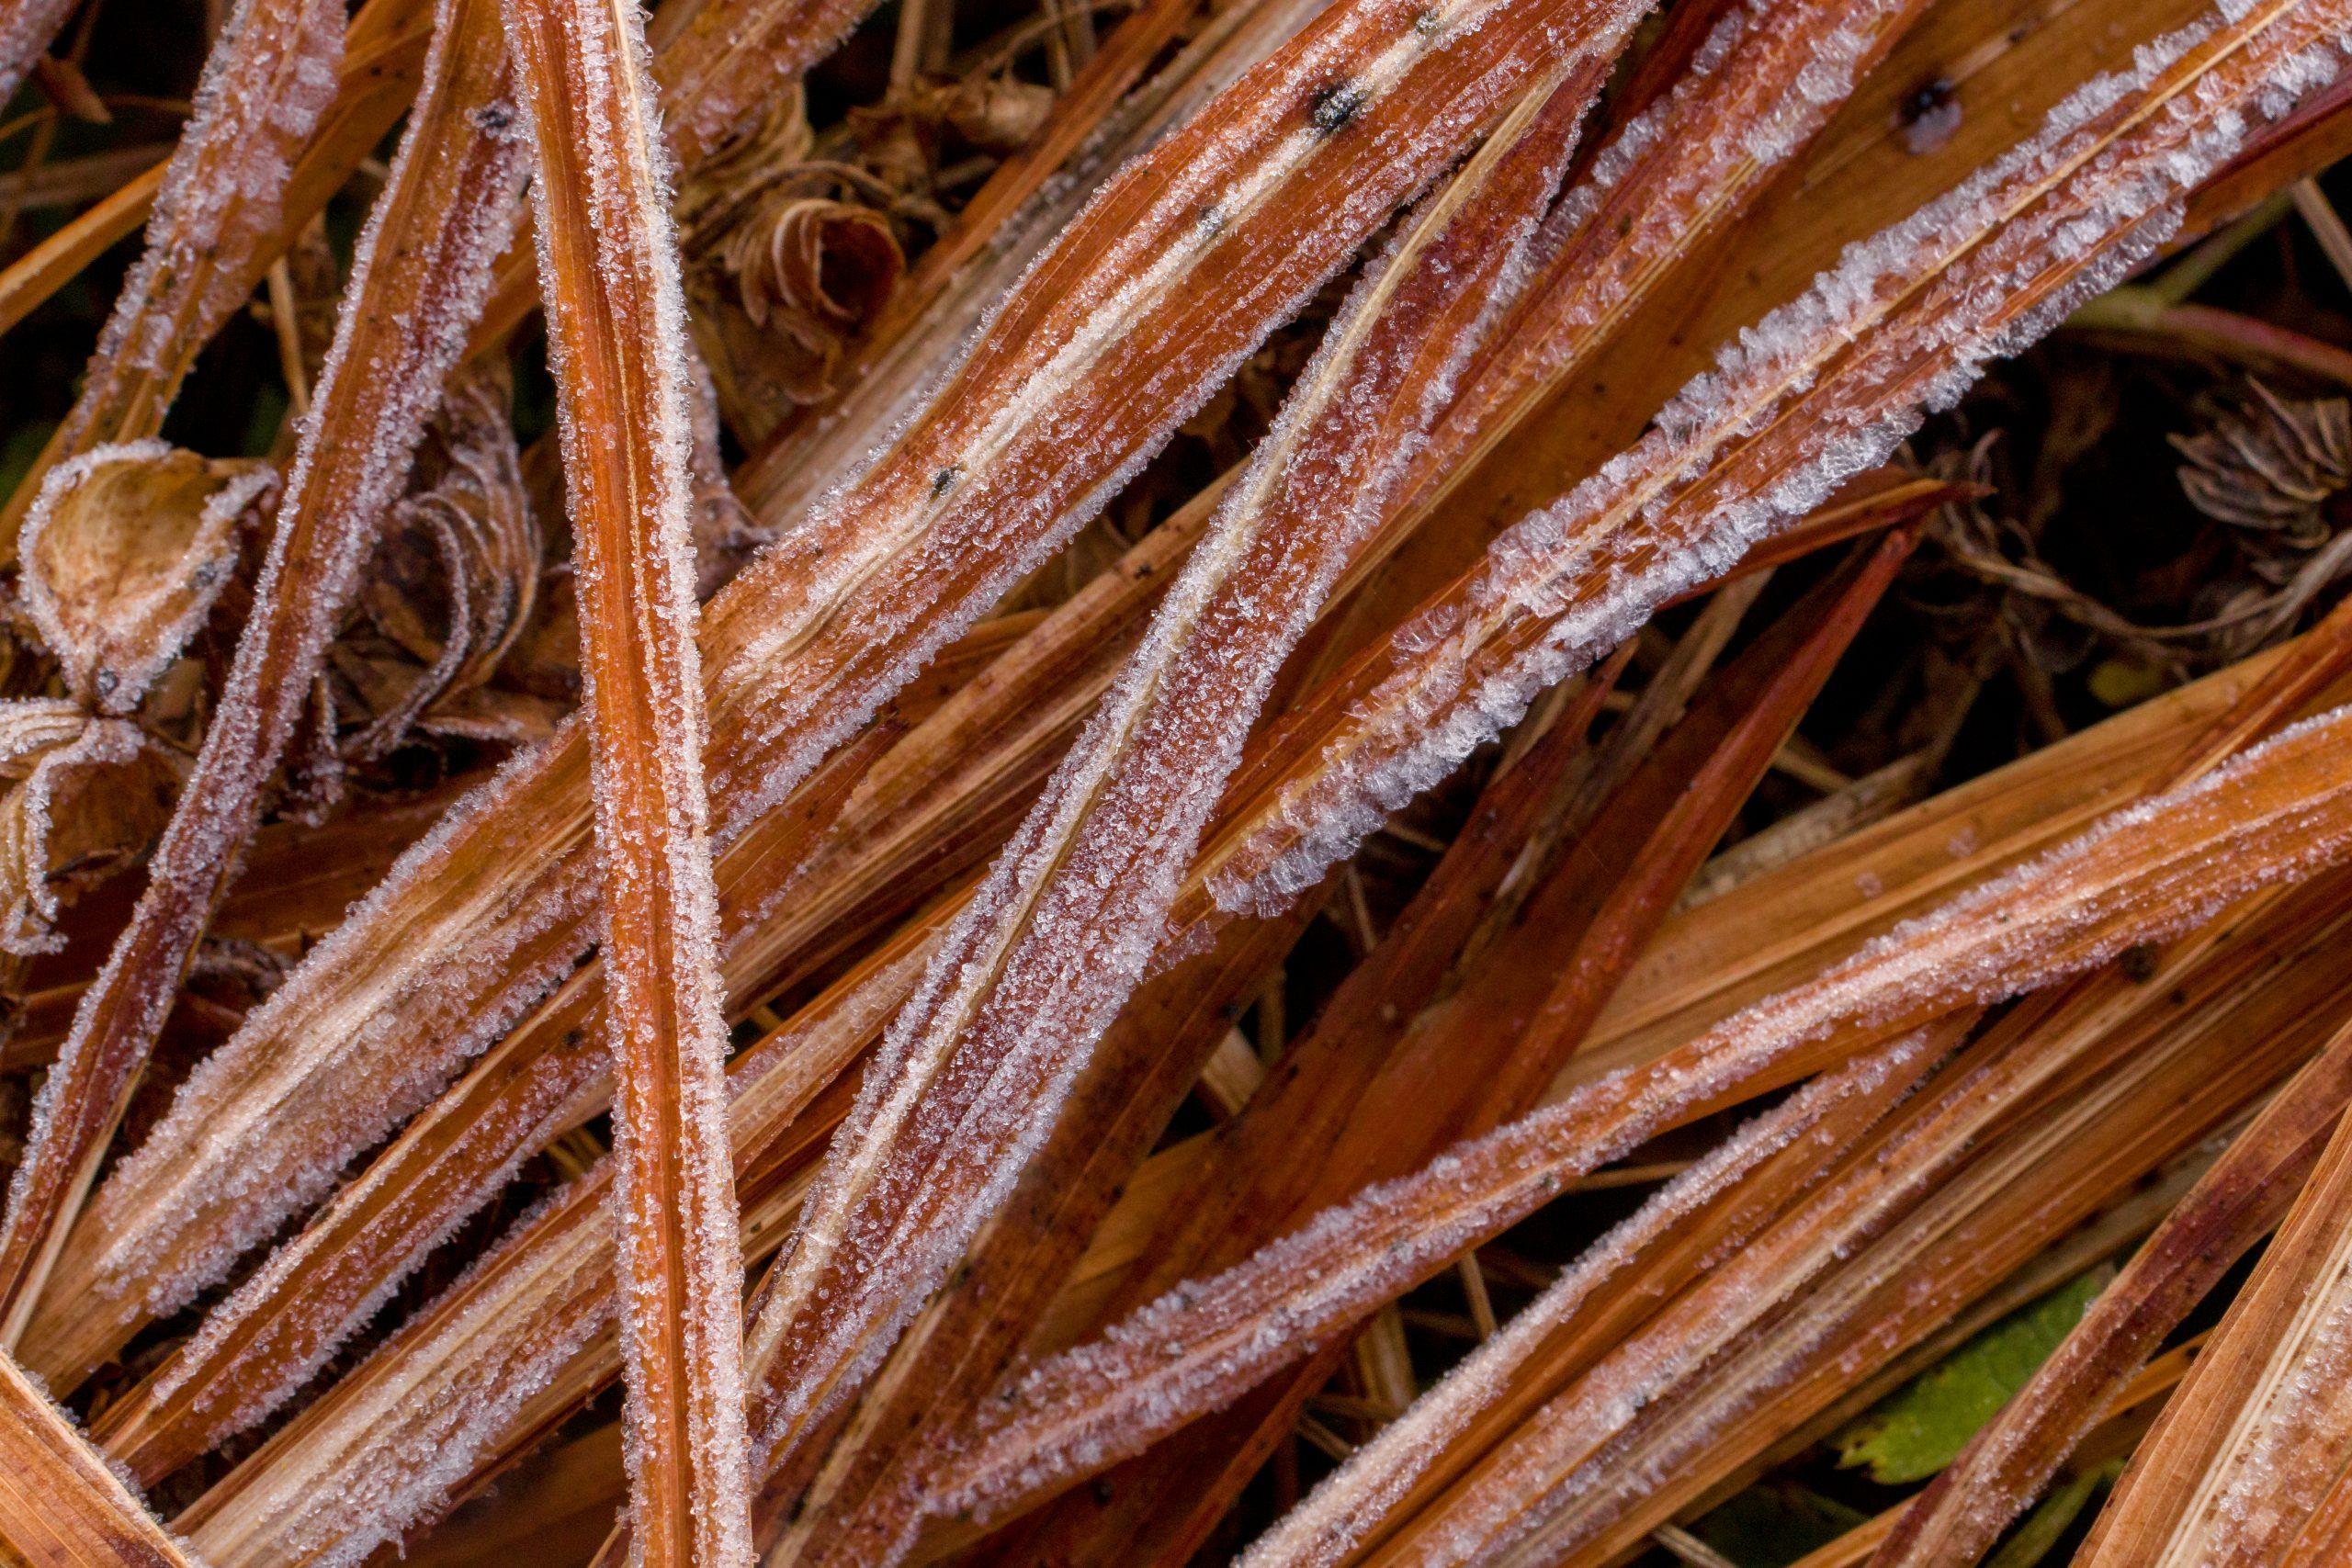 Frozen plant stems